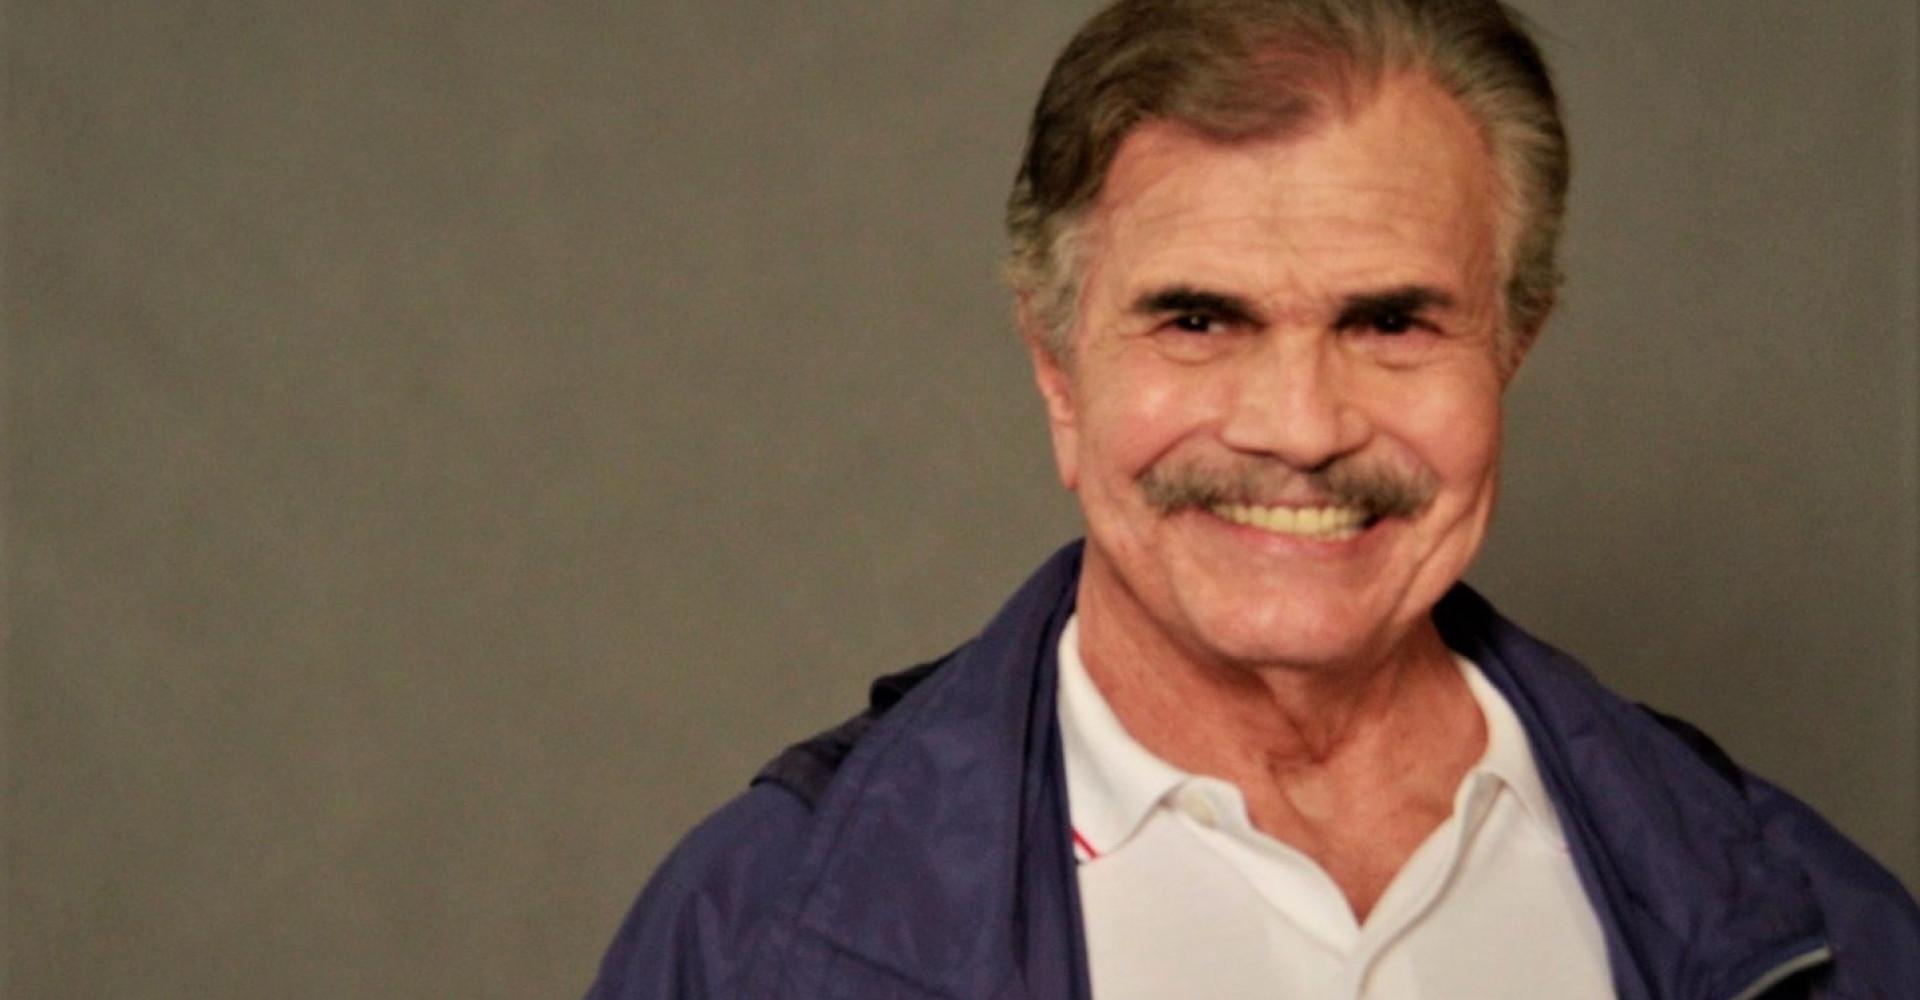 Tarcísio Meira é afastado das gravações de 'Orgulho e Paixão' por problema de saúde